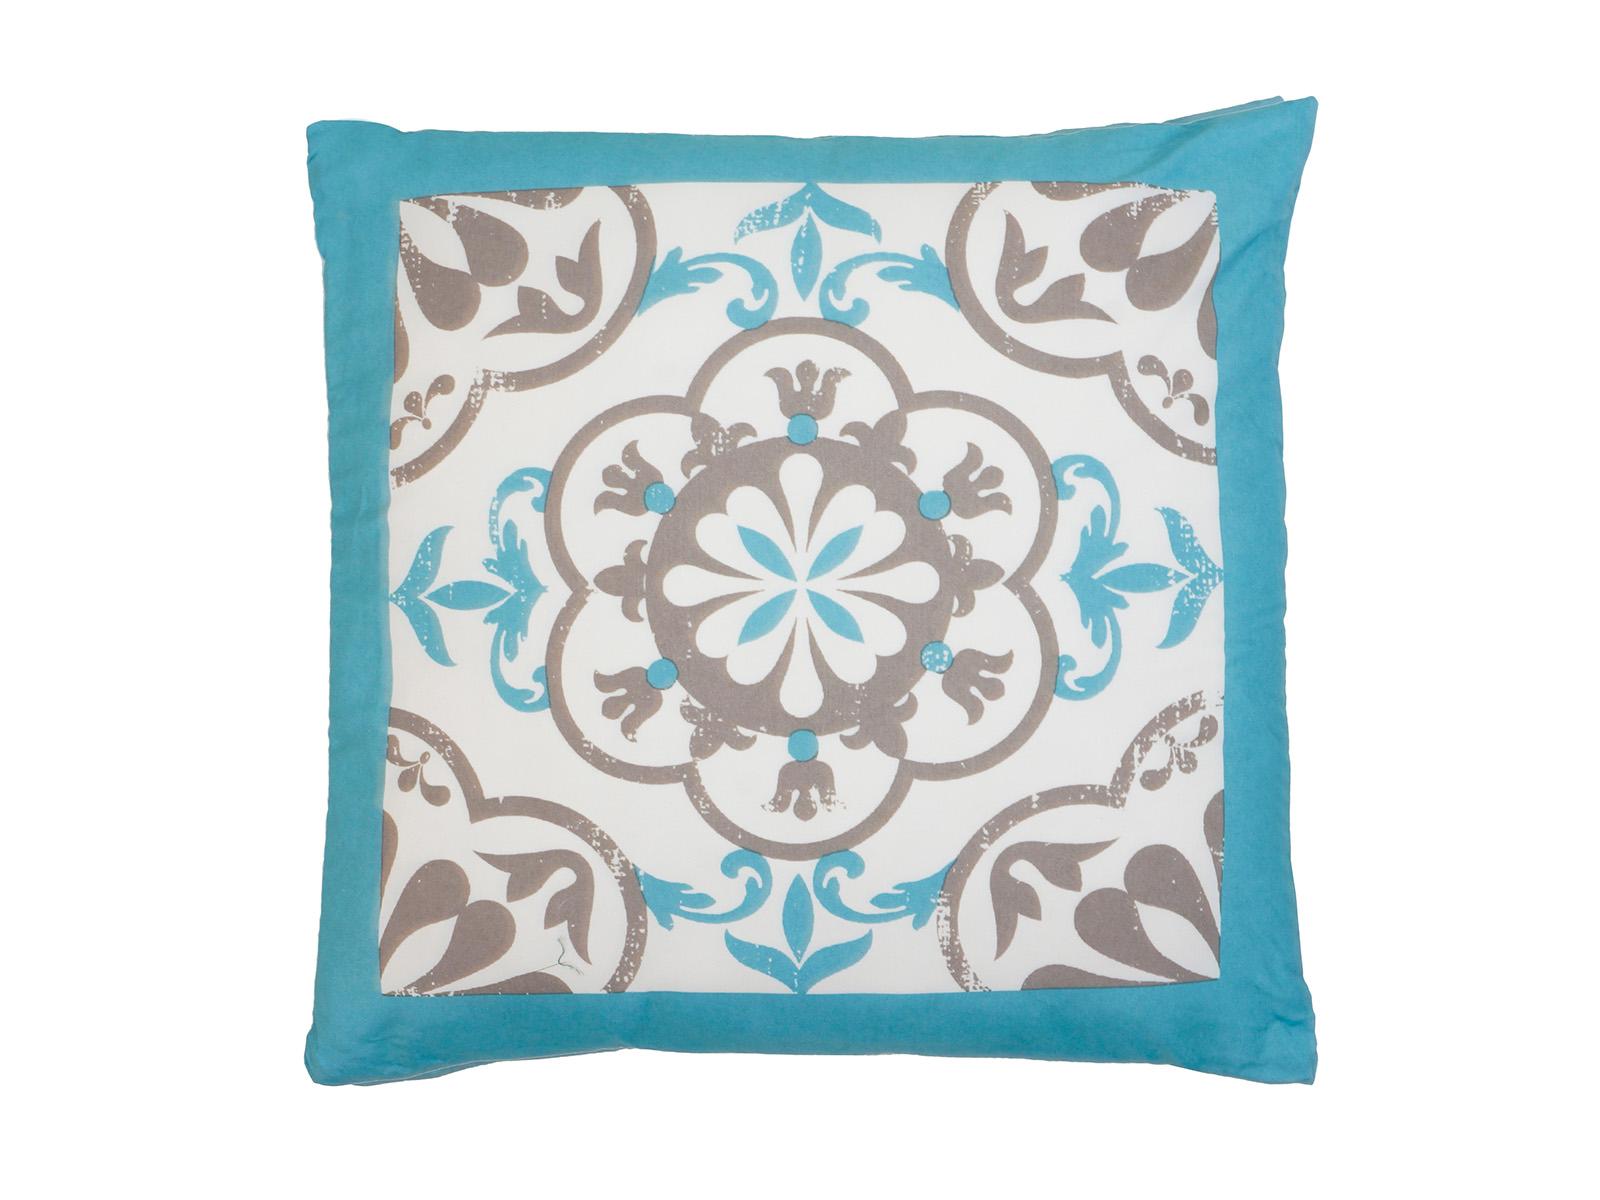 Подушка LisboaДекоративные подушки<br>Подушка декоративная Производство: Франция.<br>